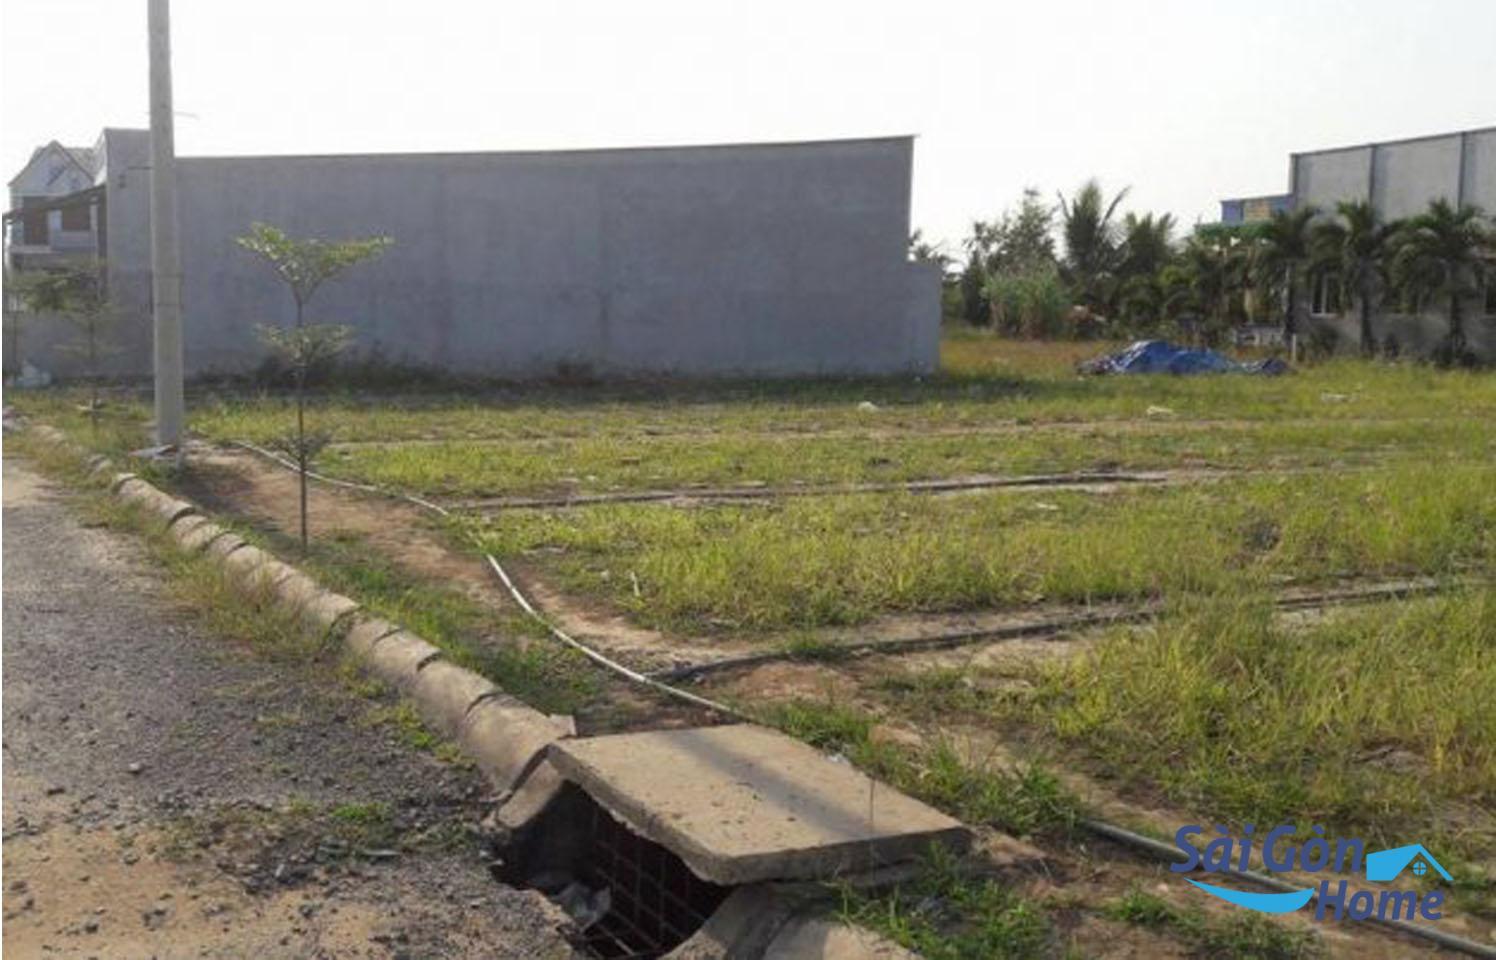 Không nên lựa chọn những khu đất có vị thế xấu, lún nền để làm nhà